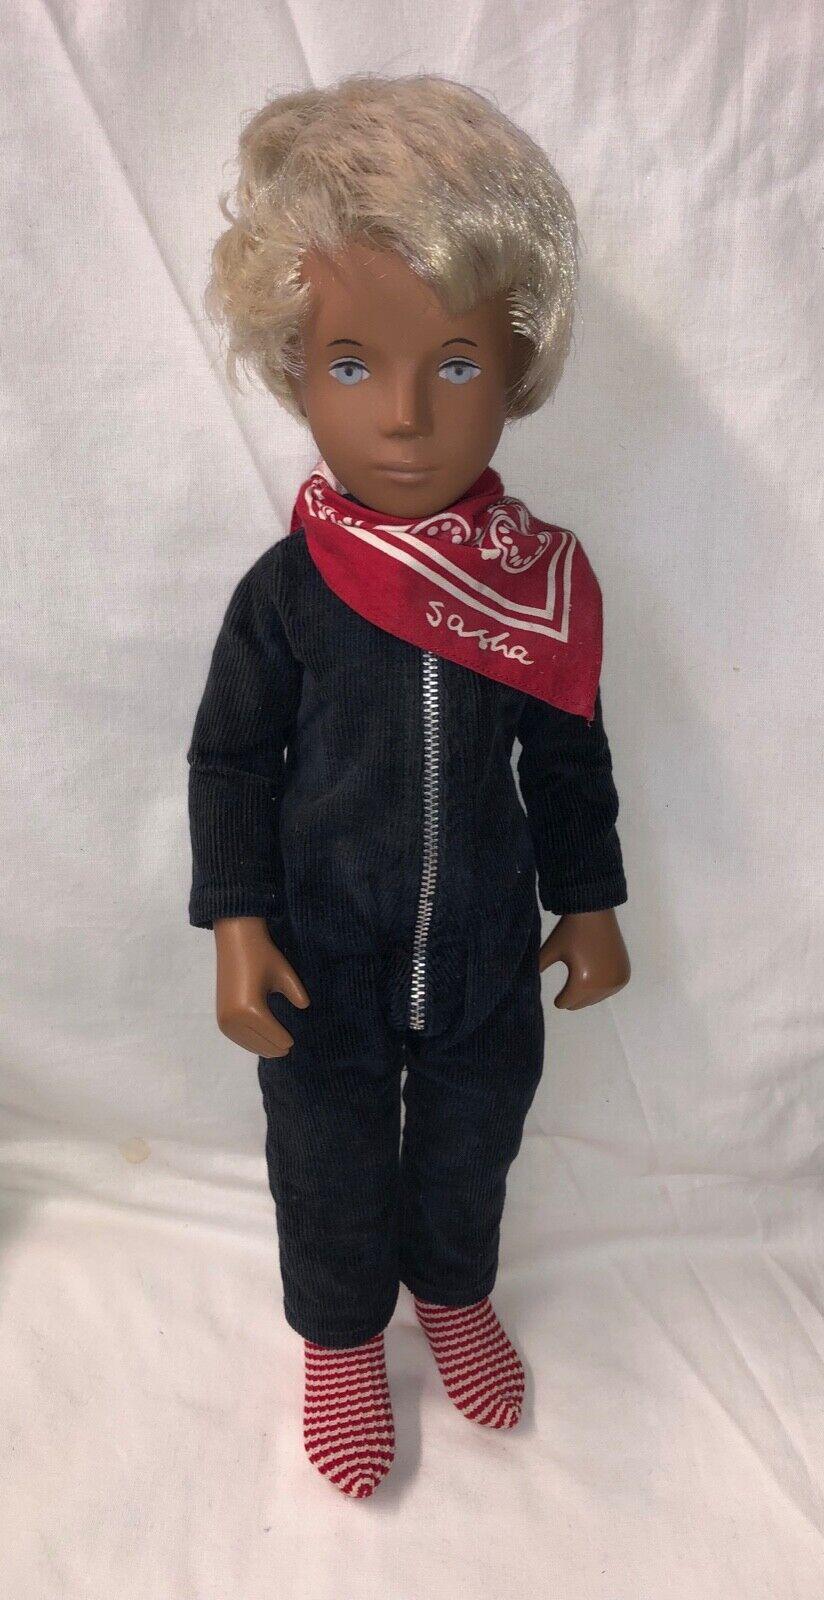 Sasha Morgenthaler doll blonde Gregor, good condition.